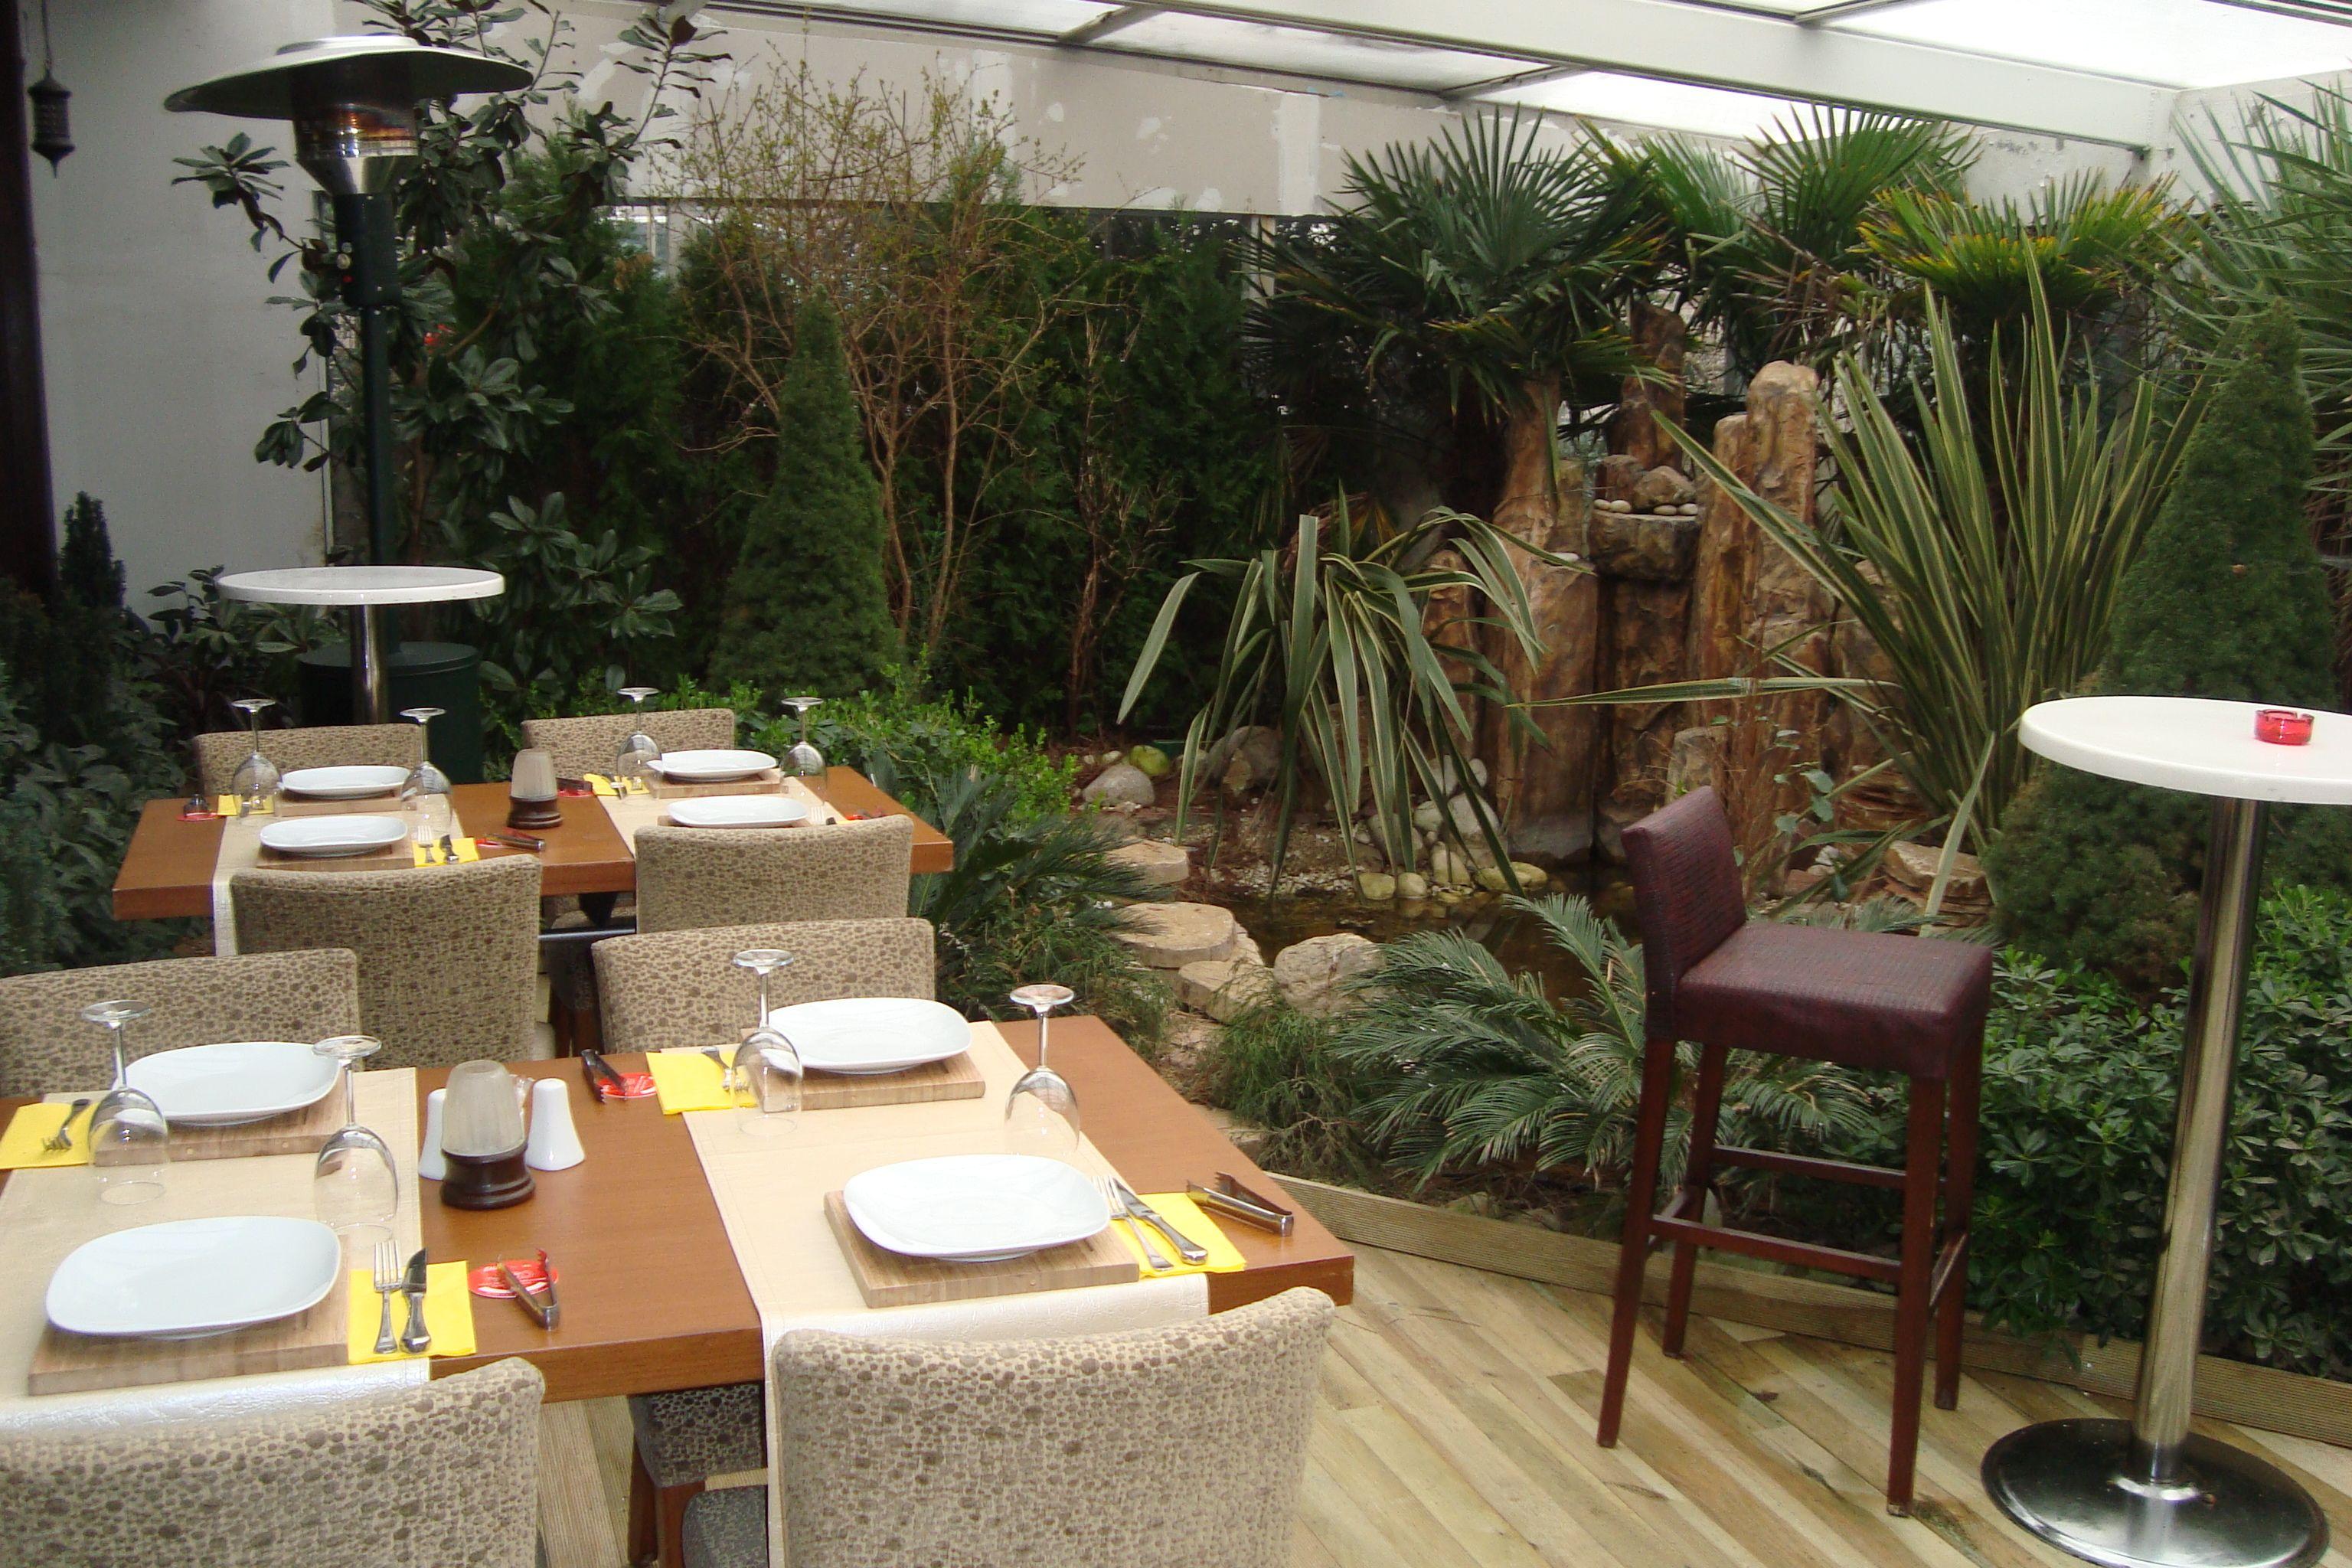 Steak House Restaurant Winter Garden by Chefs Design | Restaurant ...